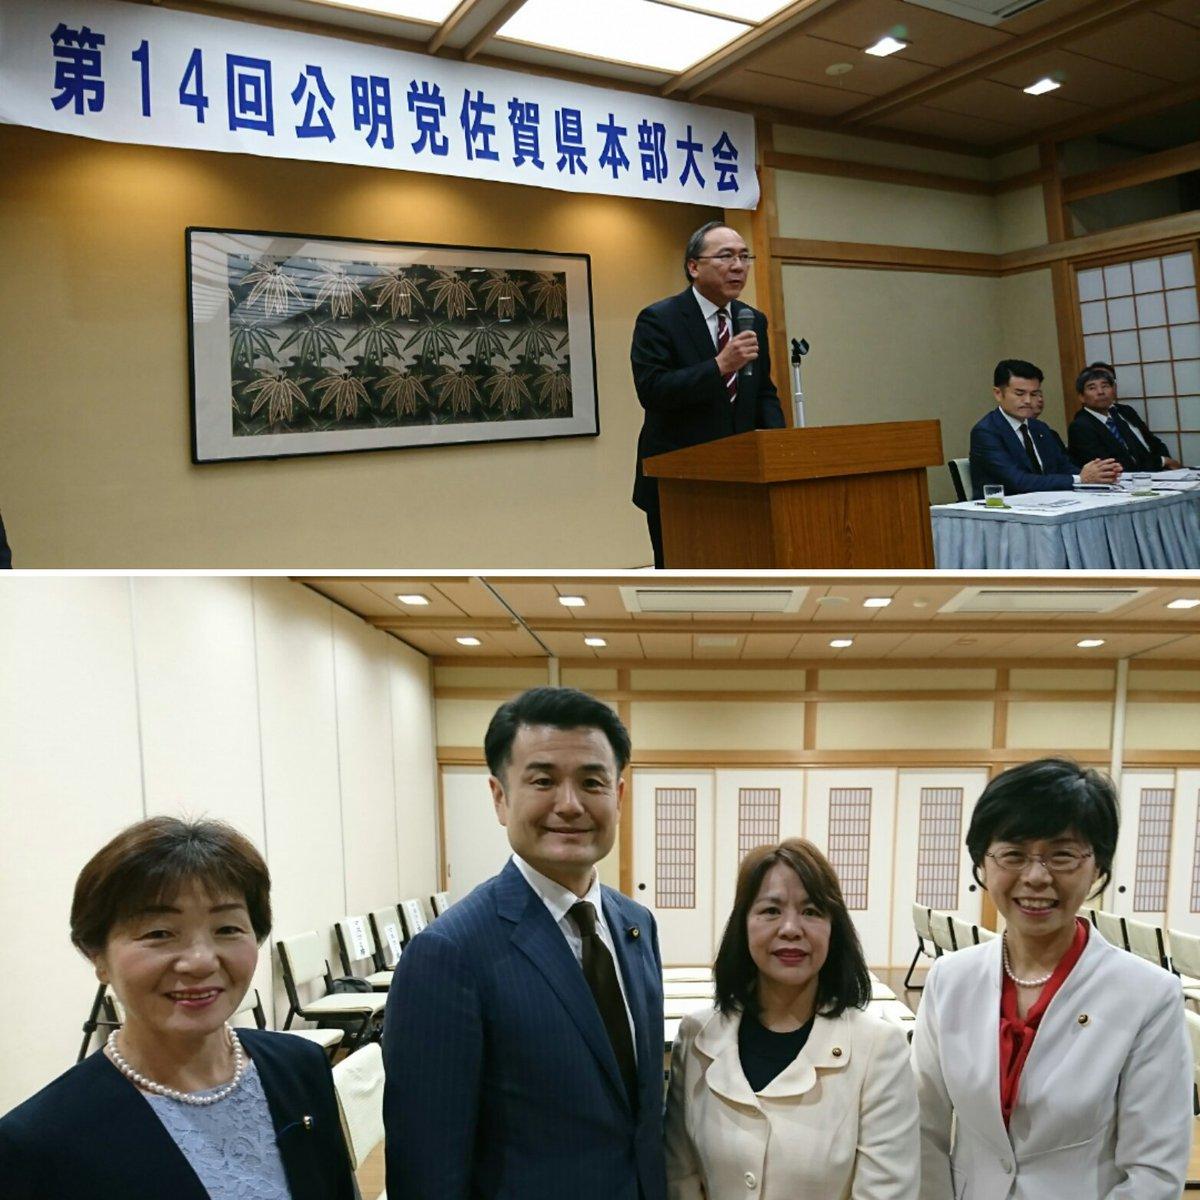 第14回公明党佐賀県本部大会☆佐賀県本部顧問の #かわの義博 参議院議員をお迎えし開催。<br /><br /> 県代表に、中本正一代表が再任され、役員人事が発表されました。私は、引き続き県幹事会幹事を務めさせて頂きます。今日よりは全力で取り組んで参ります。また、明年の統一選・参院選の勝利に向け頑張ります。